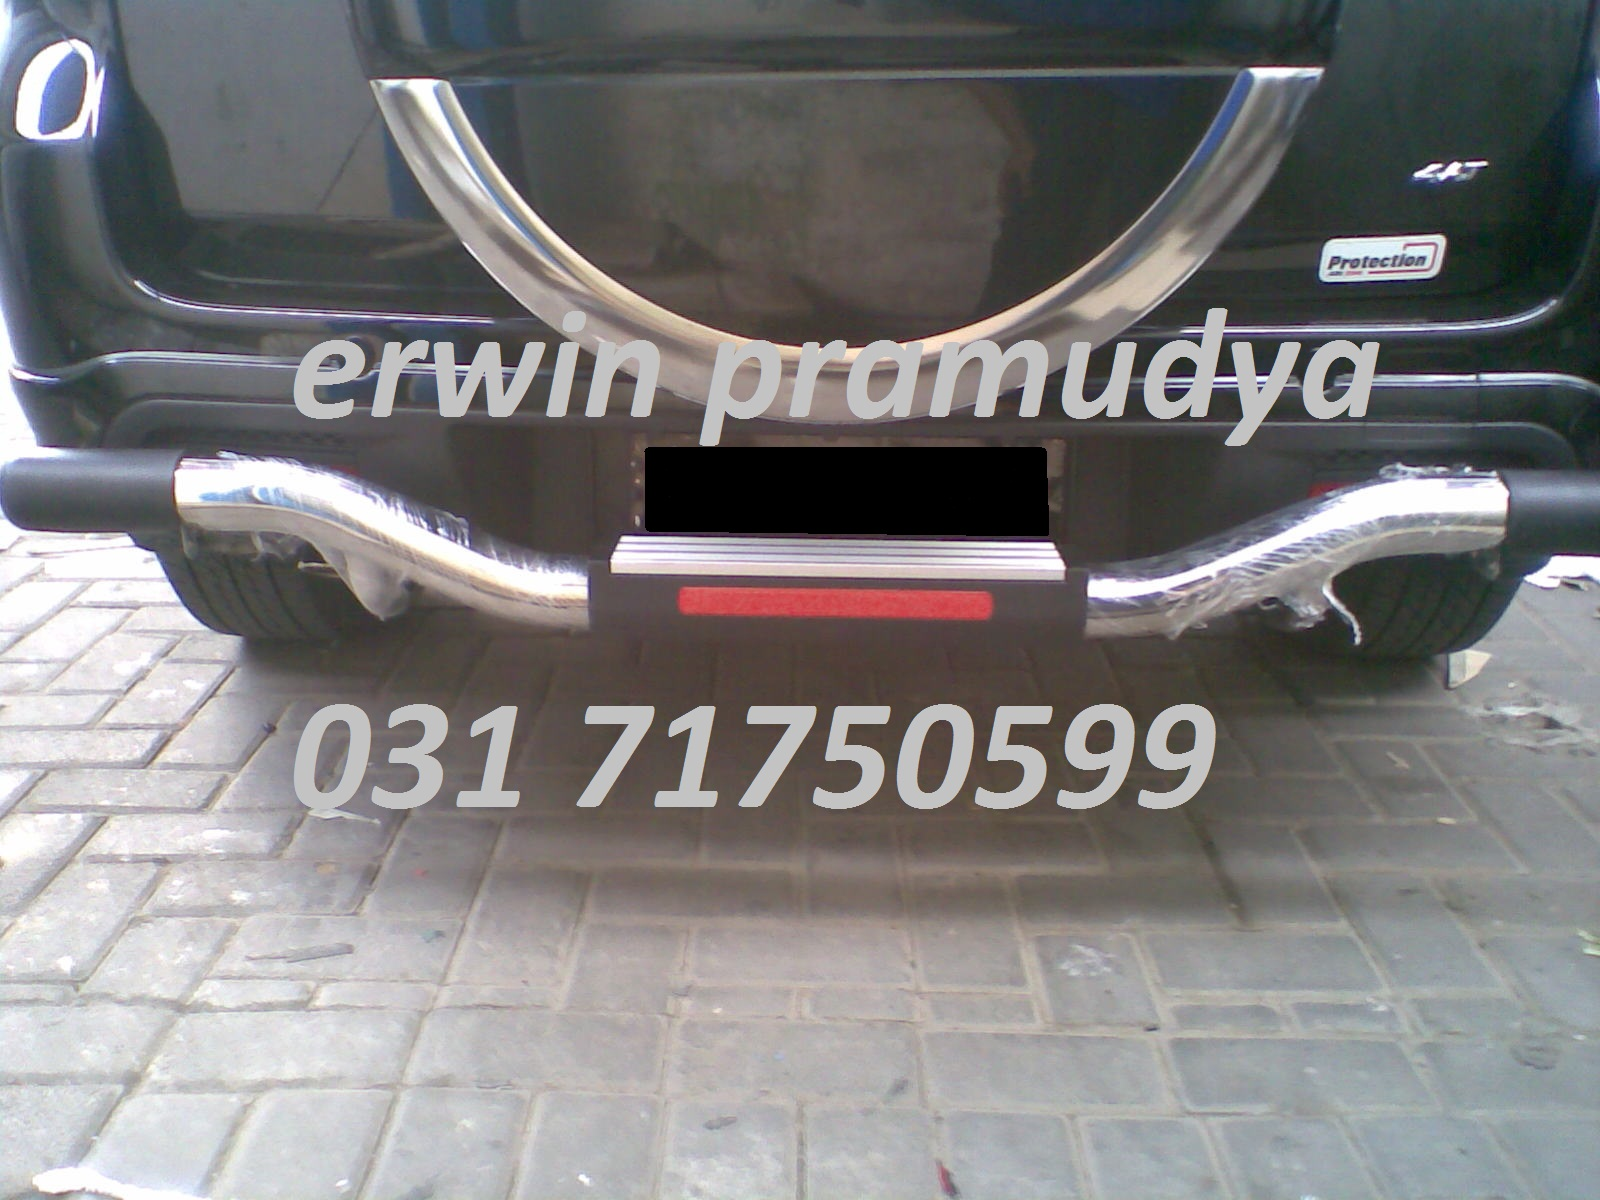 tank cover grand new avanza filter bensin accessories mobil surabaya 3m auto film